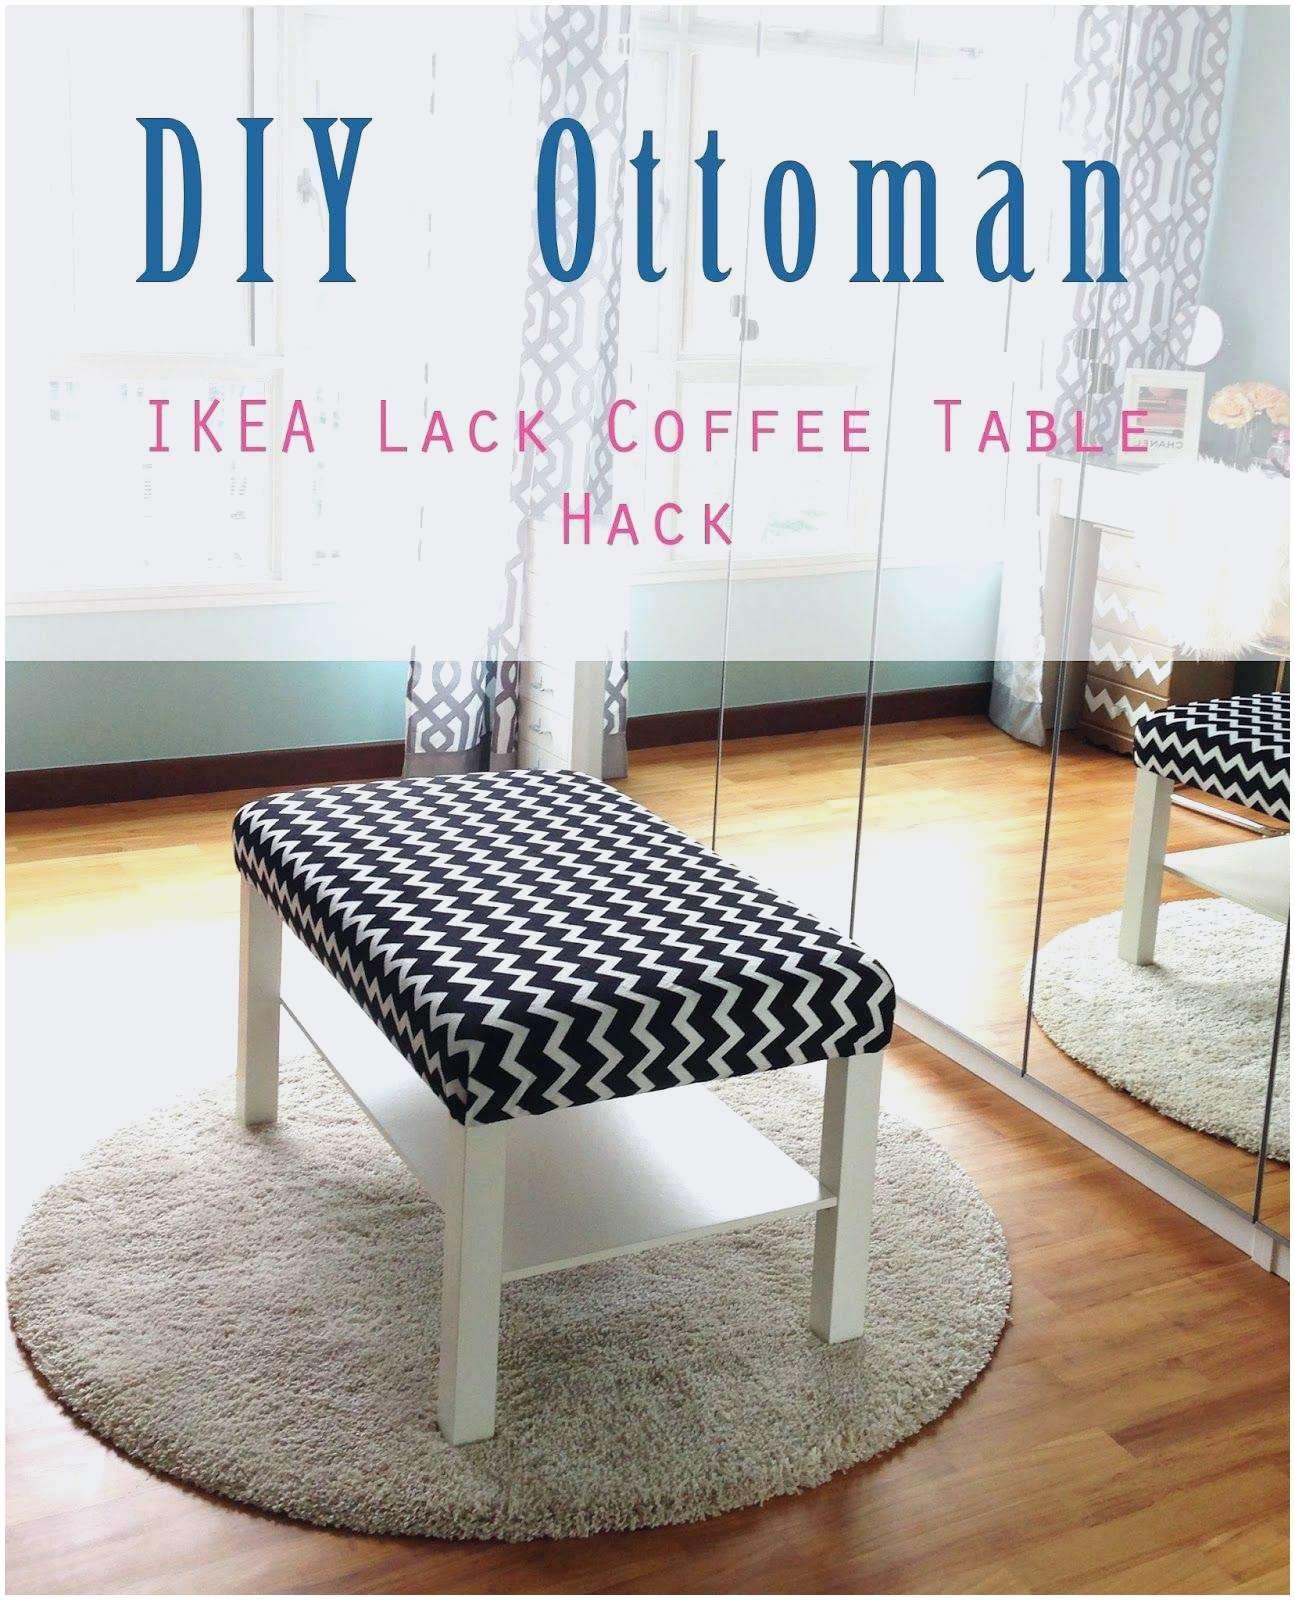 Lit Convertible Ikea Élégant Unique Table Relevable Ikea Luxe Lit Relevable Ikea Meilleur De